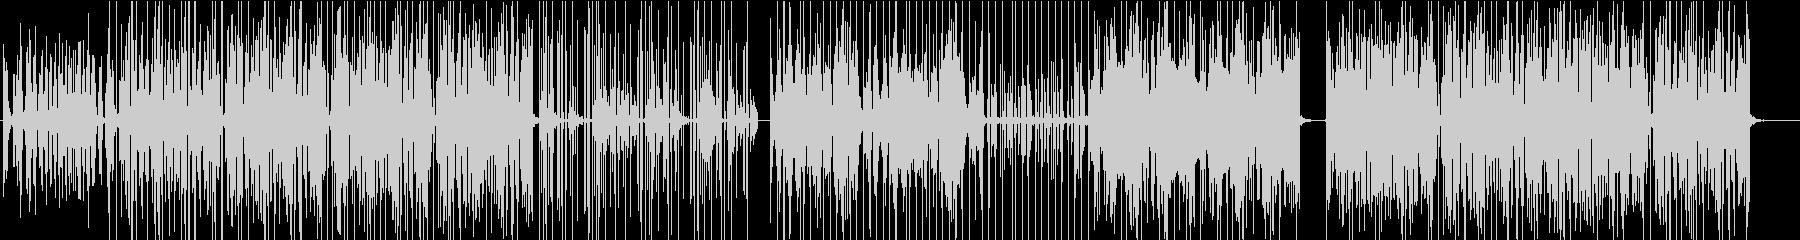 切なくもポップな旋律のエレクトロニカの未再生の波形